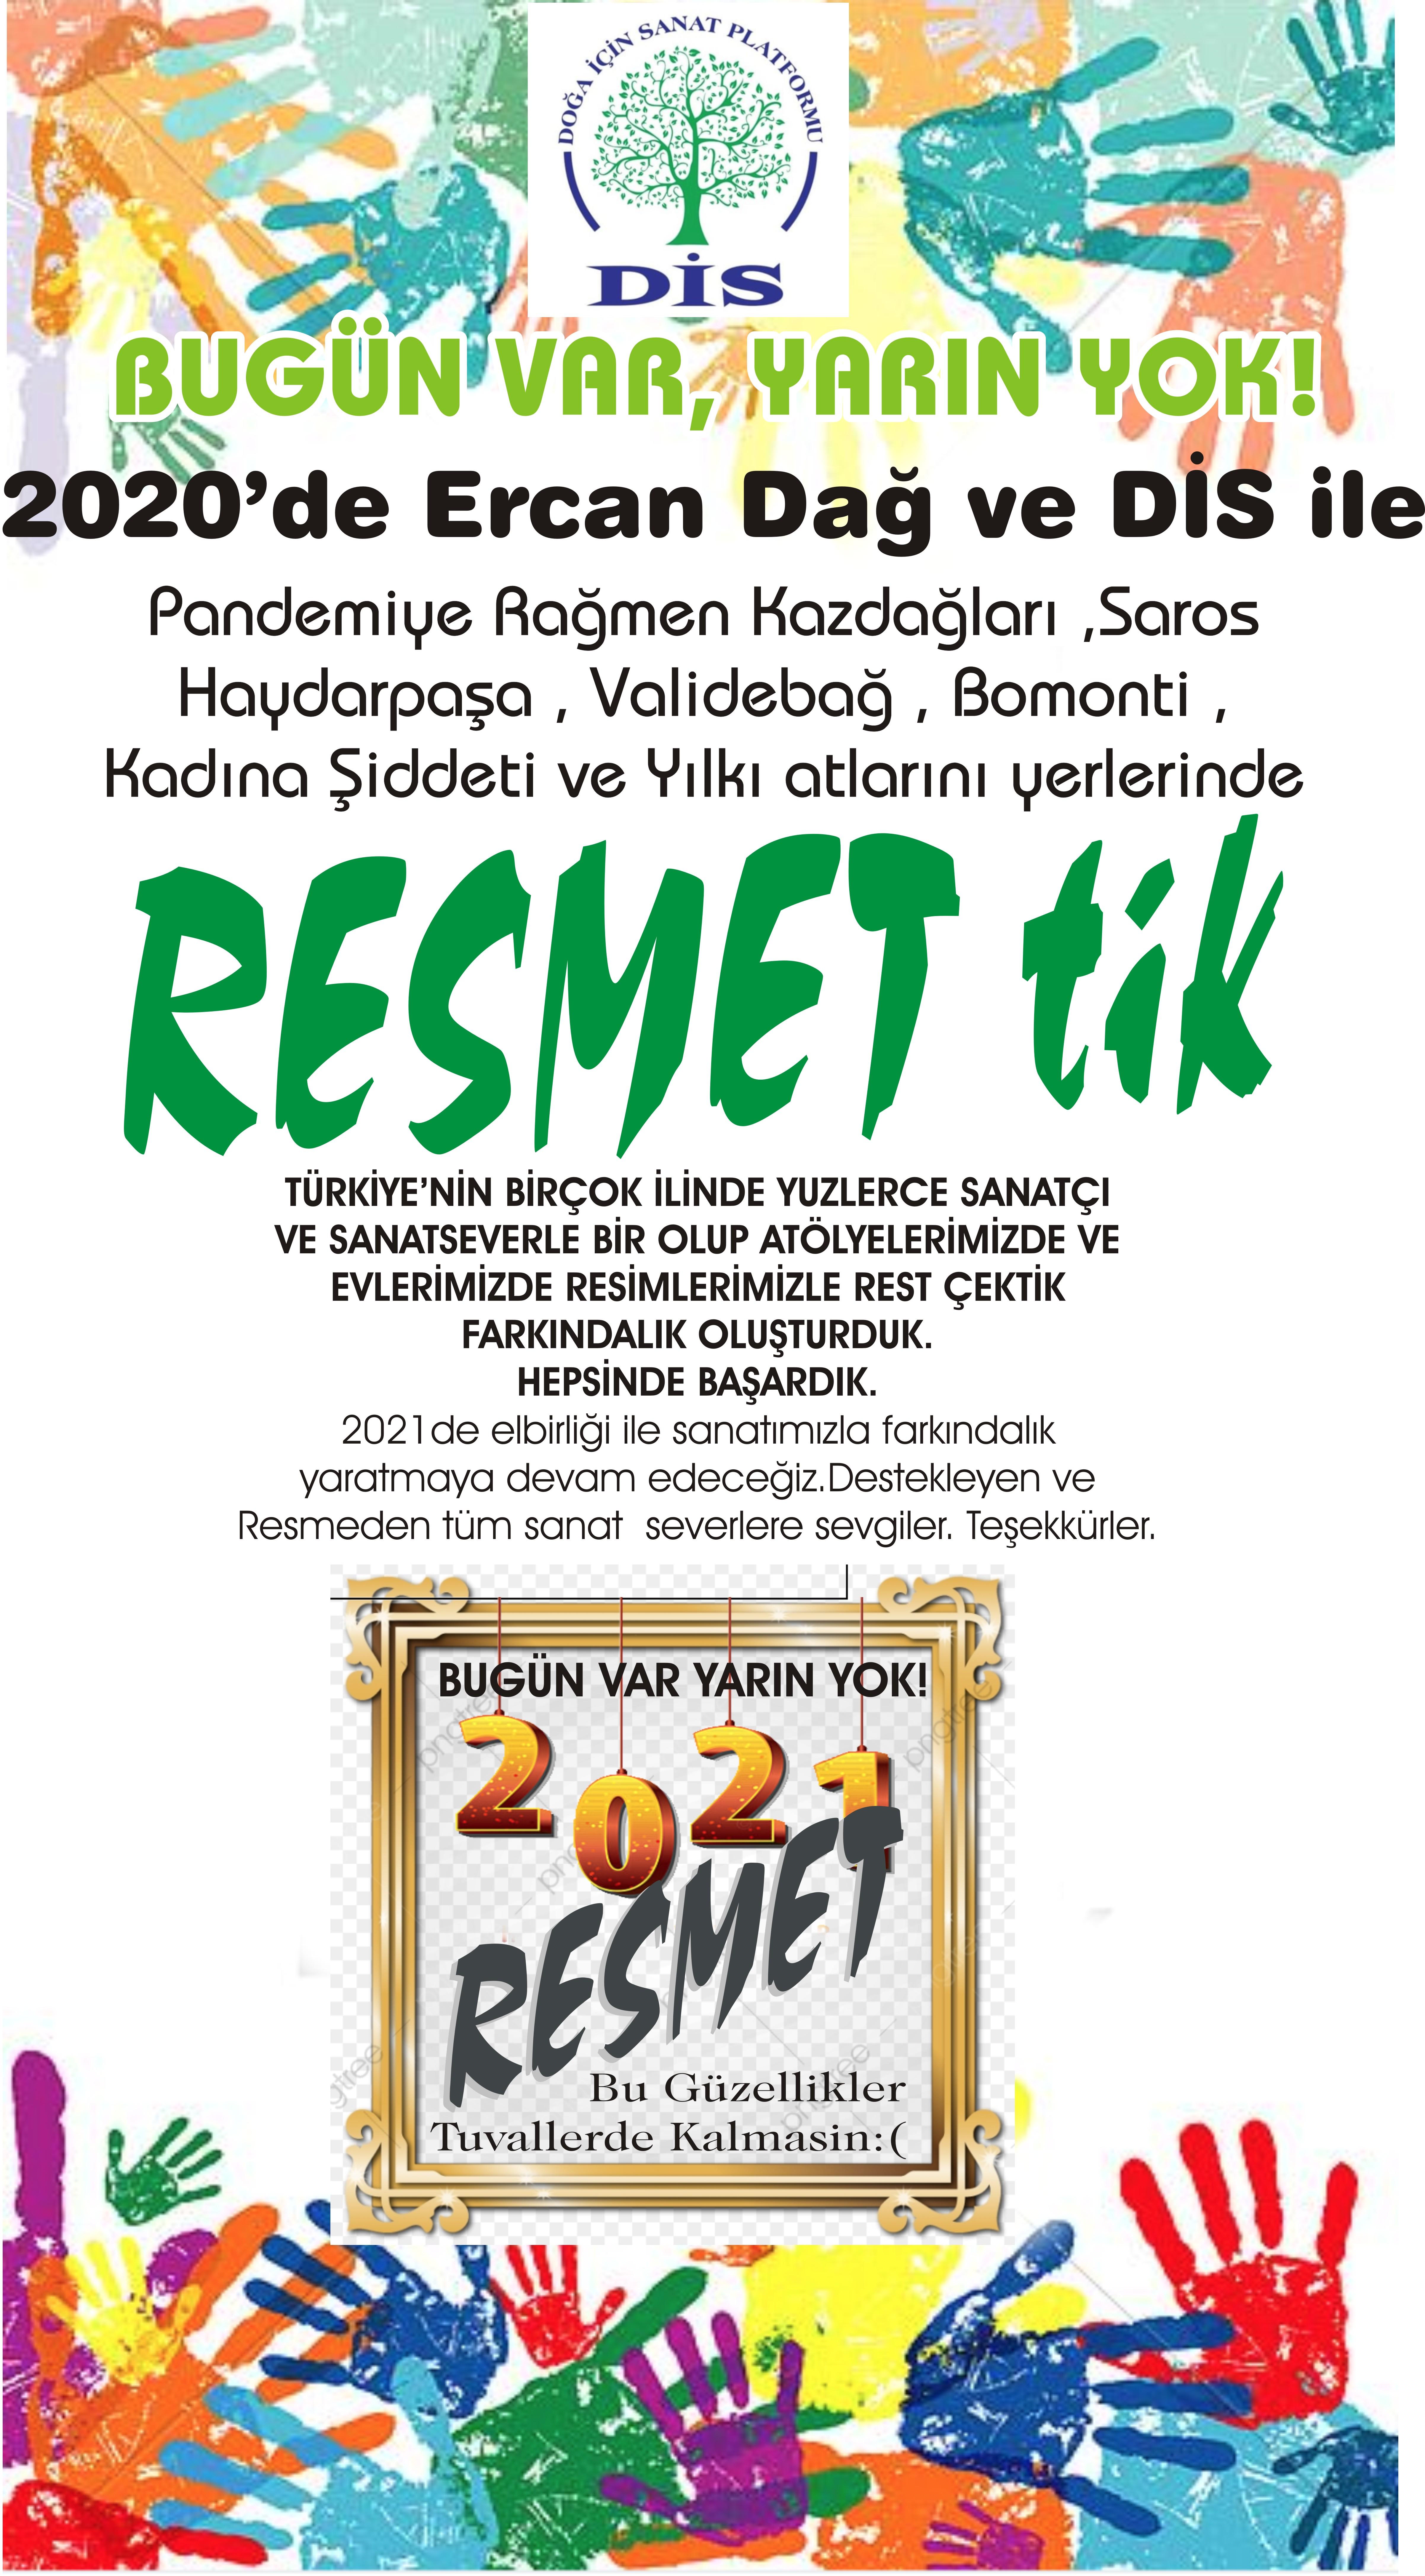 DİS RESMET